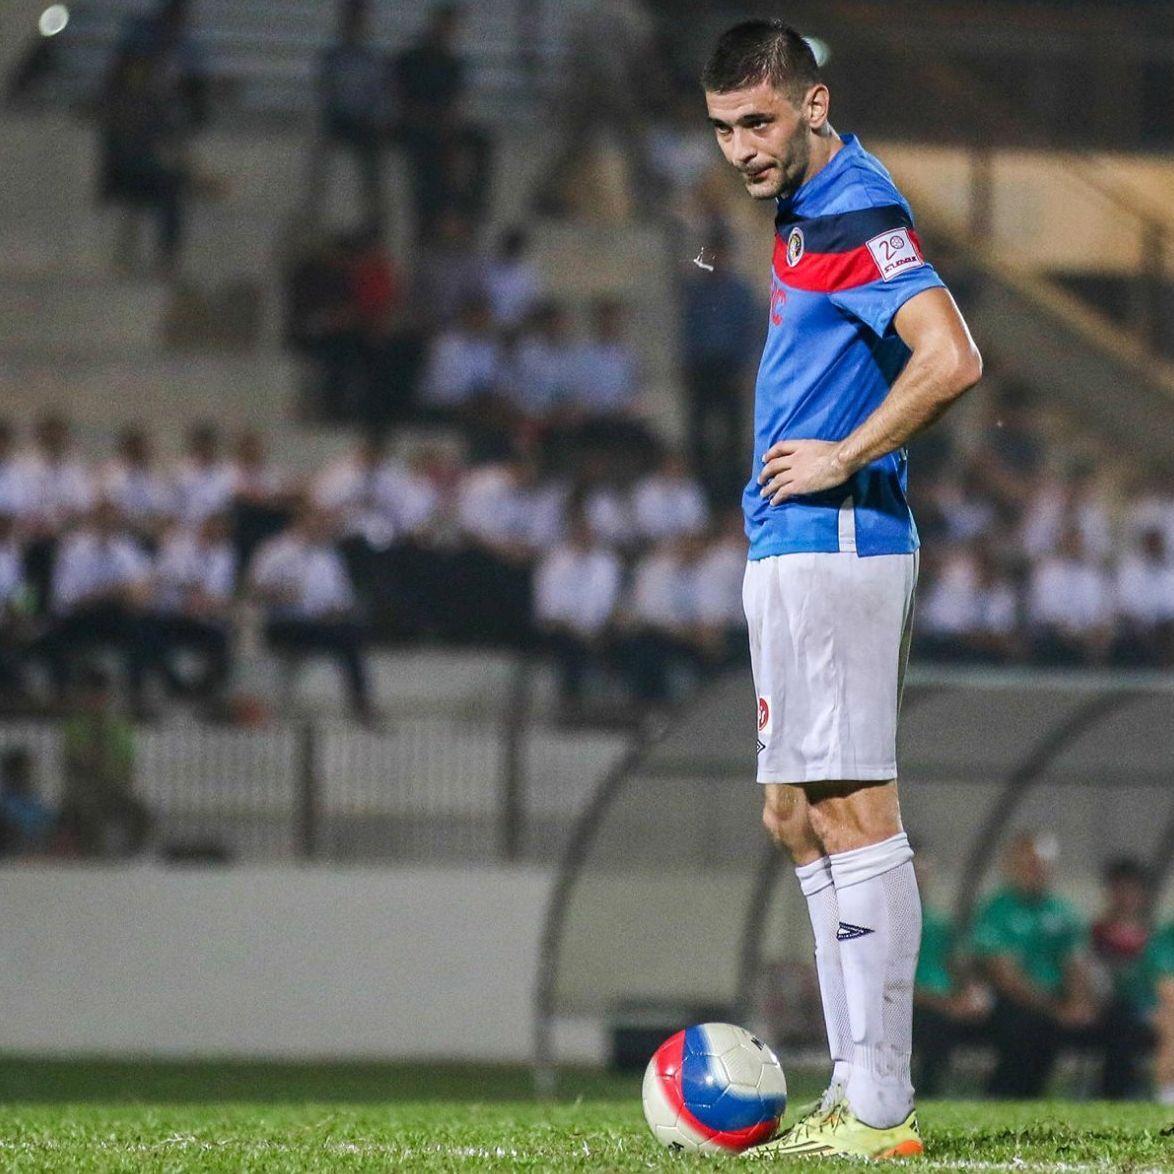 Balestier Khalsa striker Miroslav Kristic